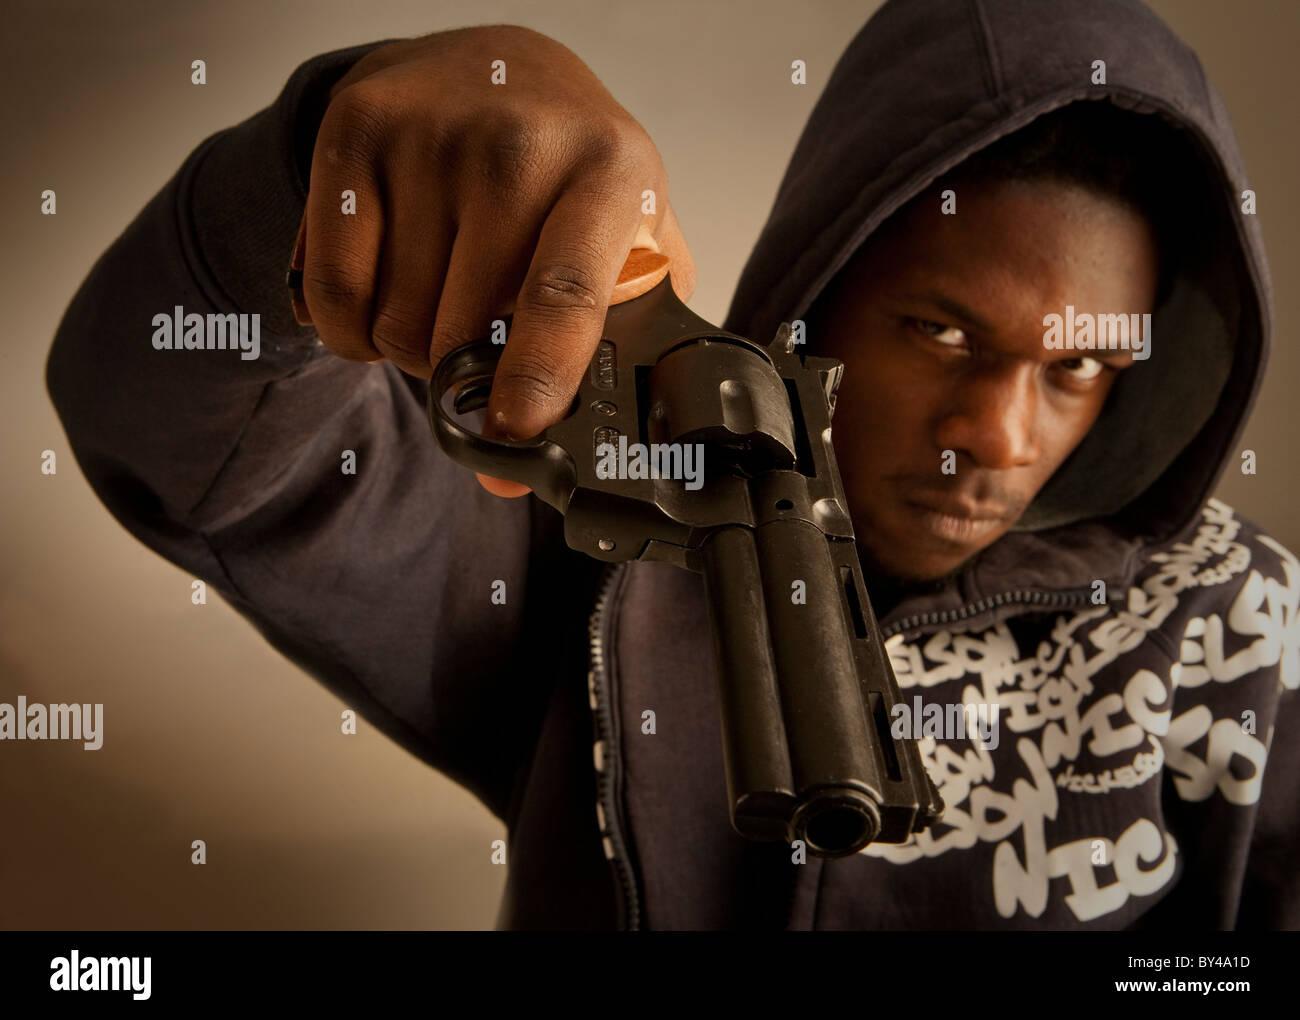 Jeune homme noir model posing with a gun Banque D'Images